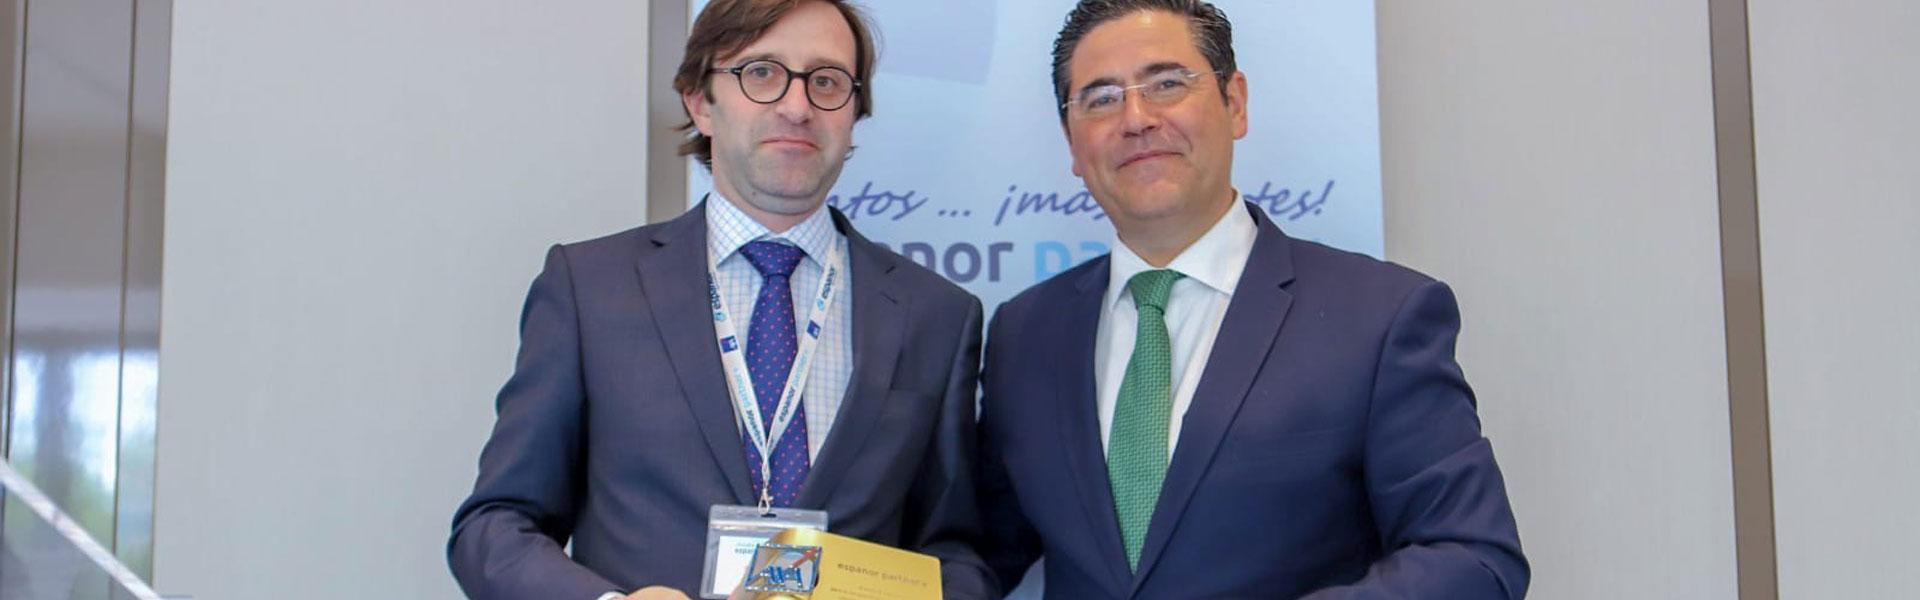 Premio Espanor AXA a la mejor gestión de corredor de seguros Picazo de Nova